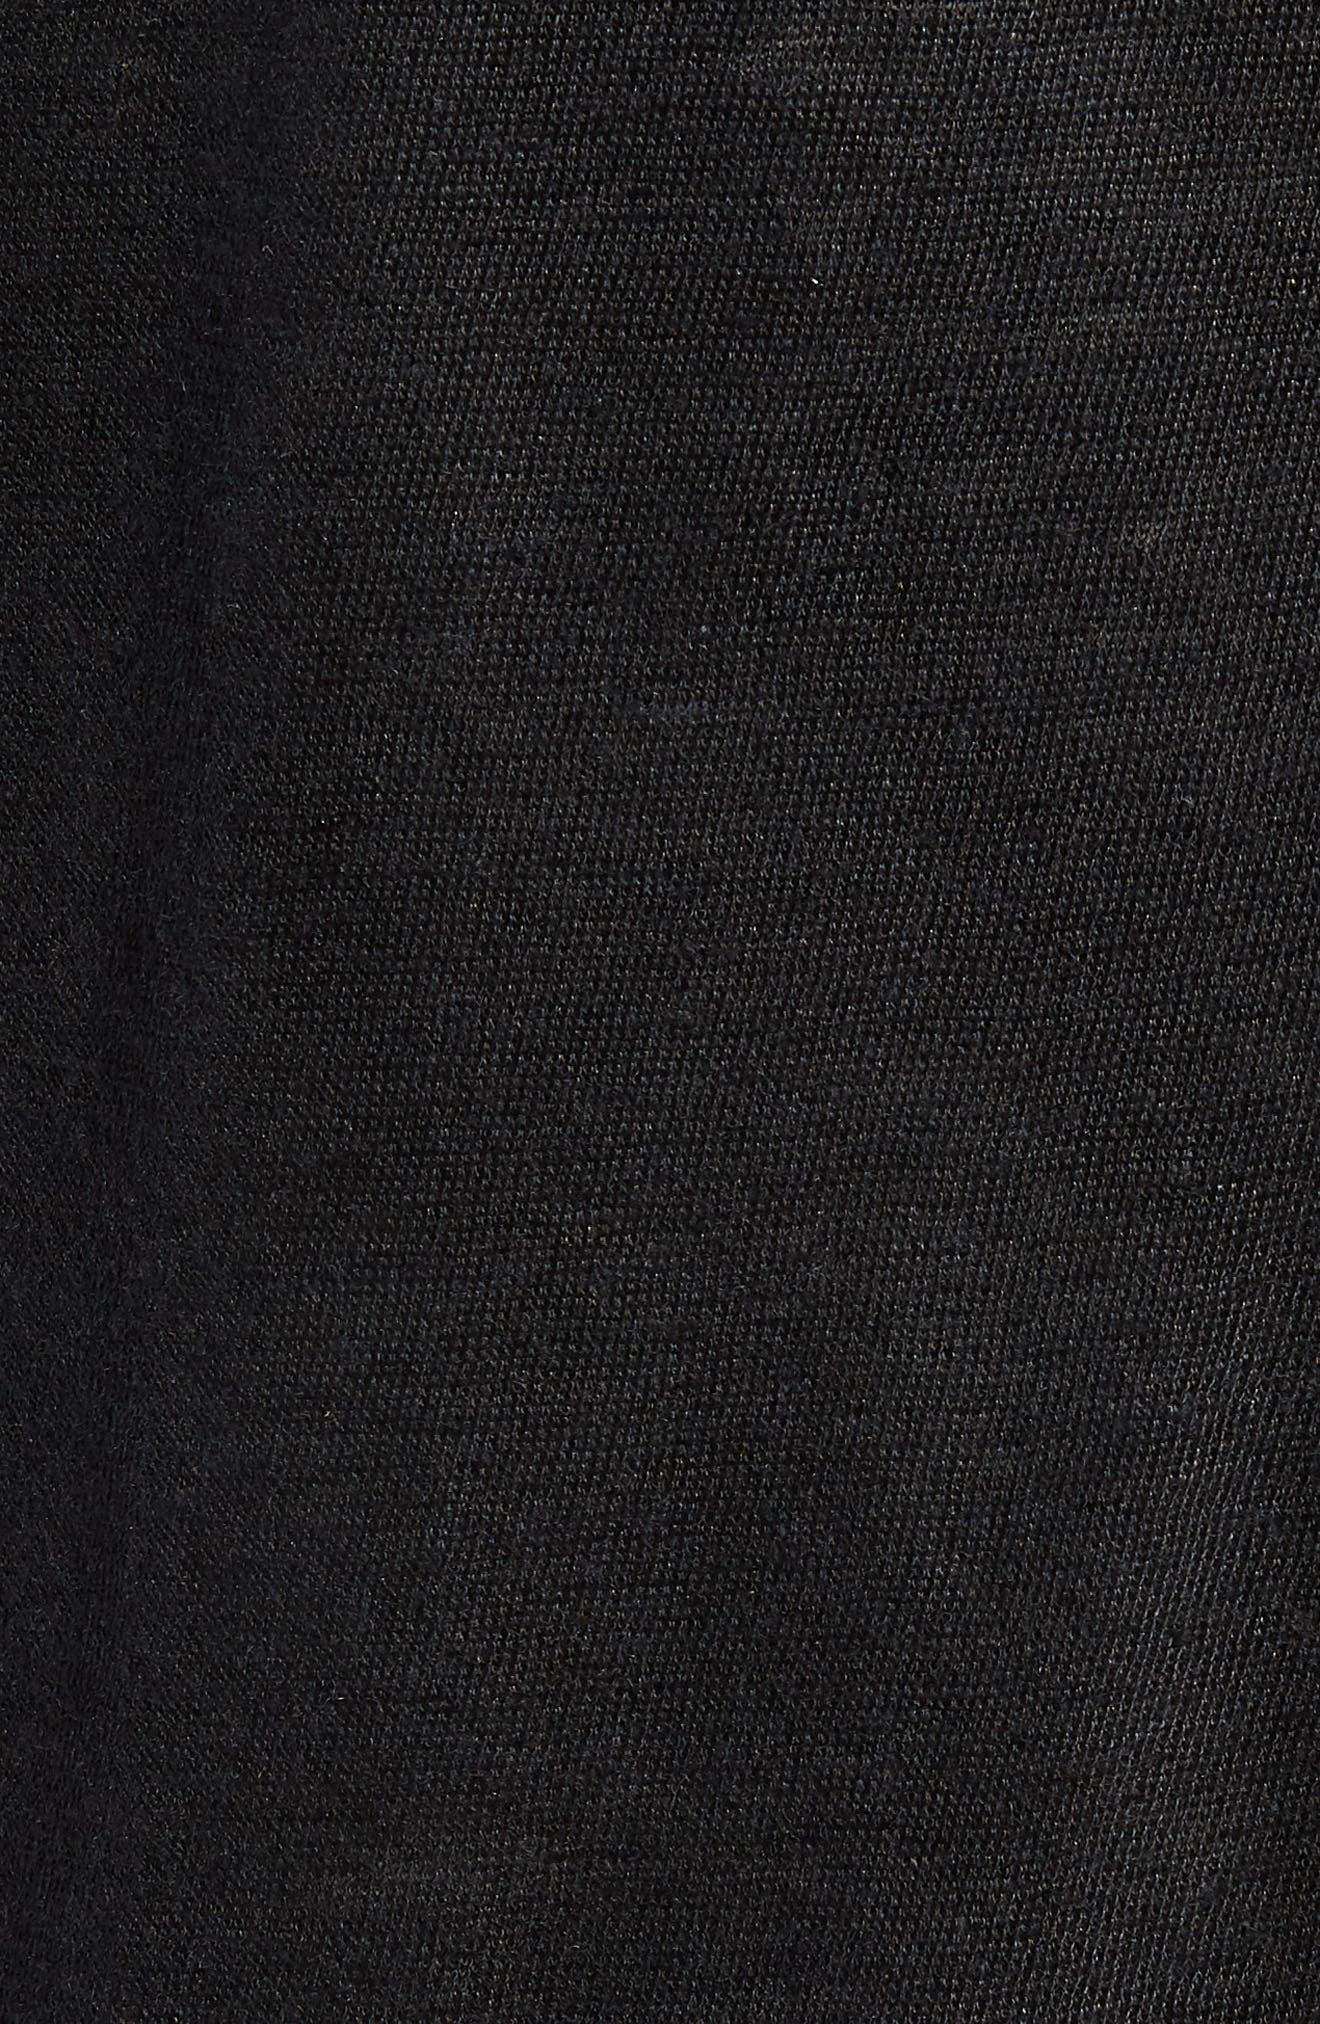 John Varvatos x Nick Jonas Zip Front Jacket,                             Alternate thumbnail 5, color,                             001